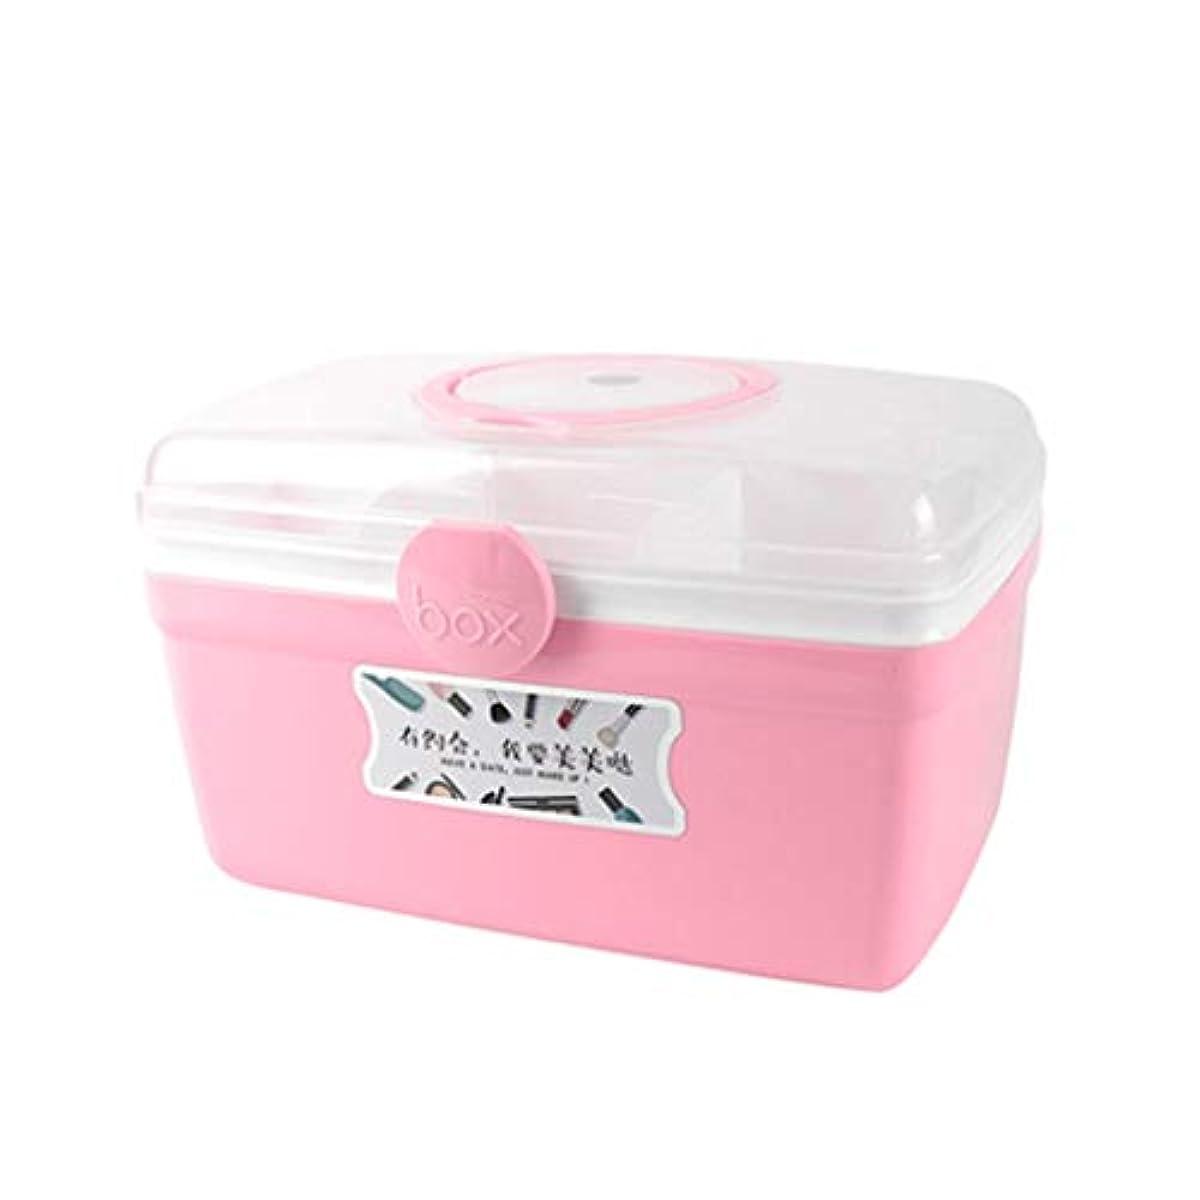 びっくりする排除する伝説SGLI ミニ携帯薬仕分けボックス、小薬ボックス、家庭用多機能収納ボックス (Color : Pink, Size : 27.5cm×17.5cm)